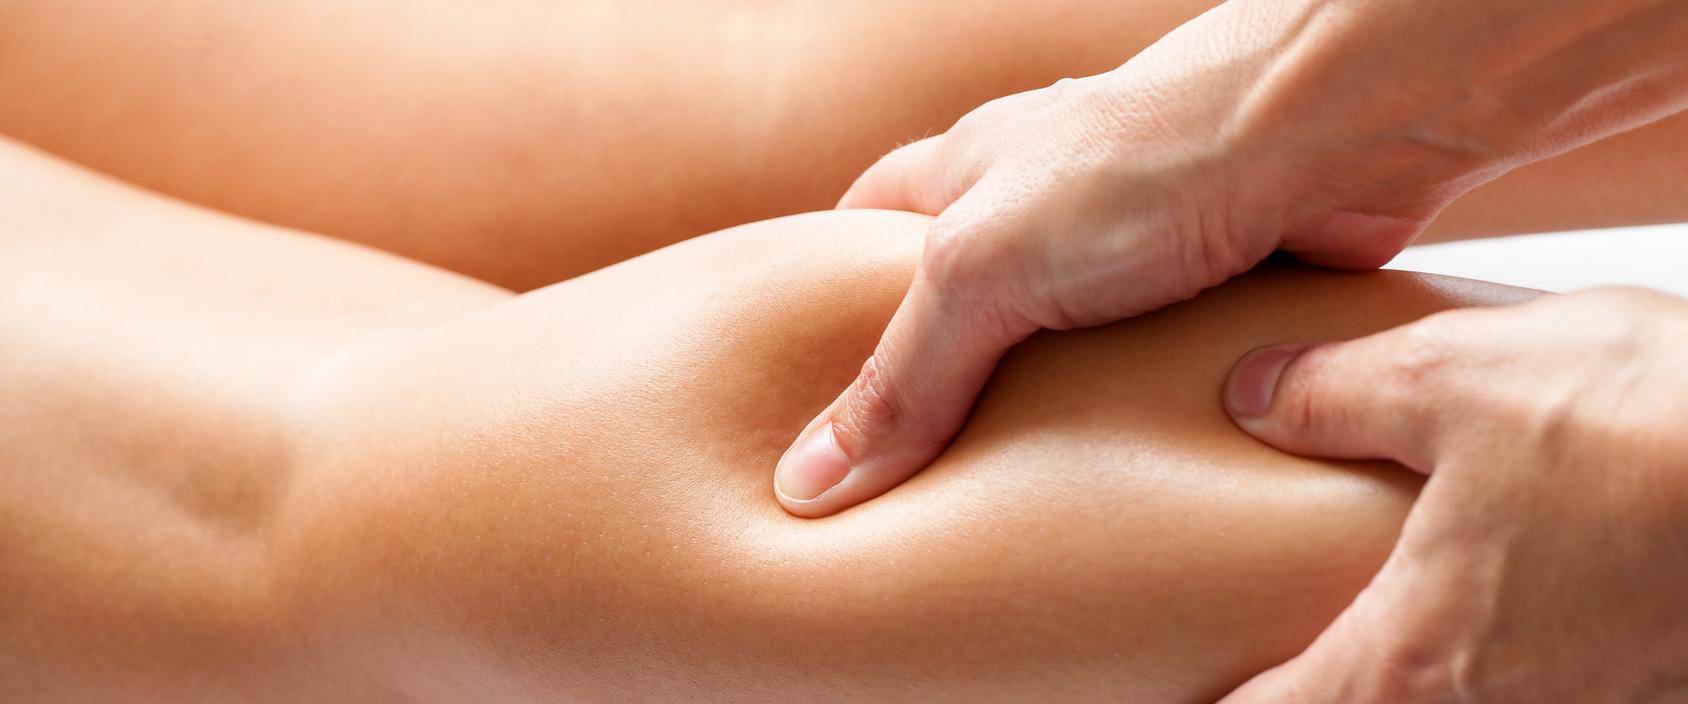 Ofrecemos una amplia gama de tratamientos